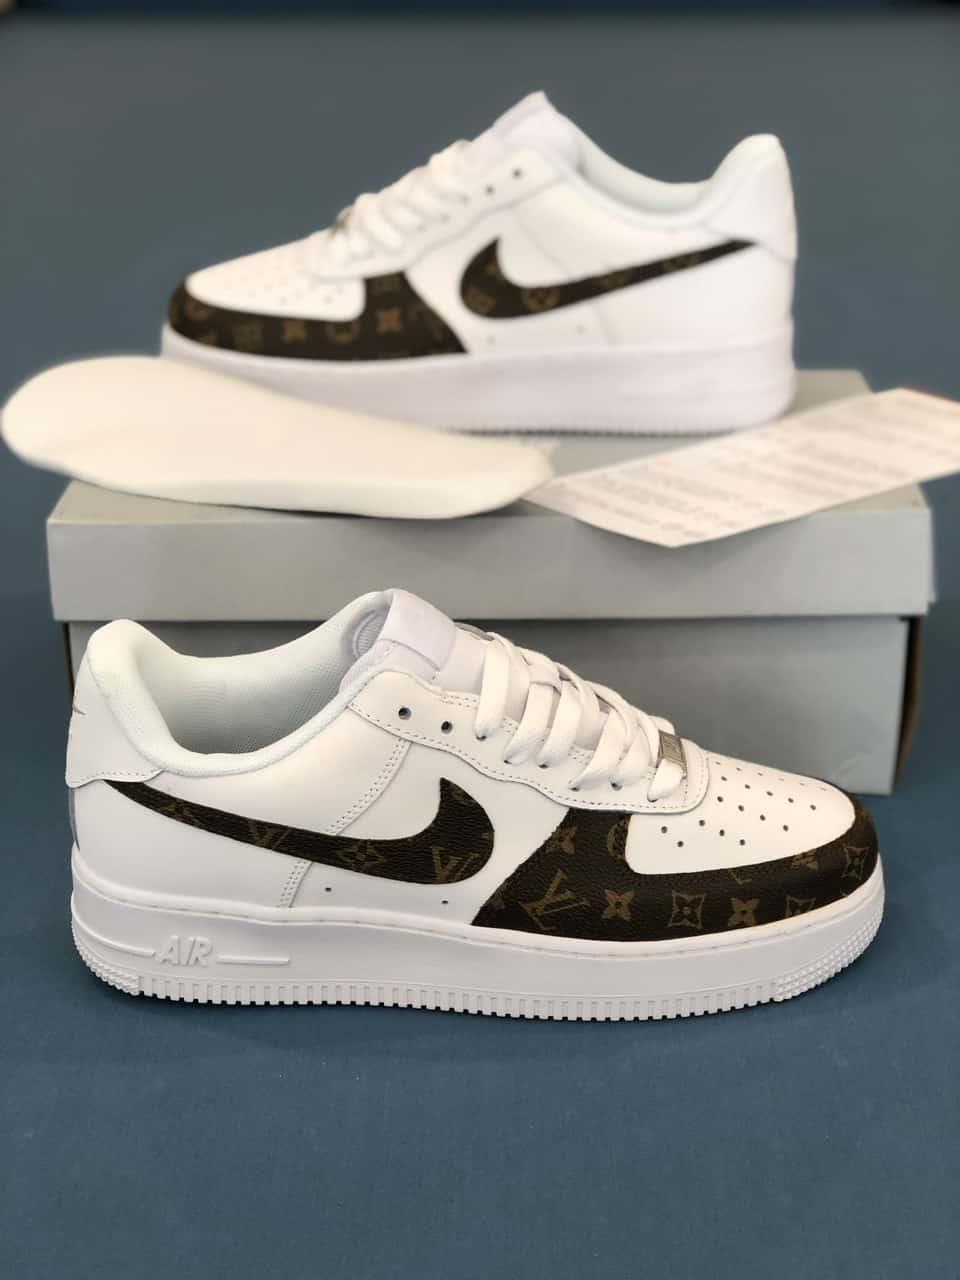 Thiết kế giày Nike năng động và cá tính